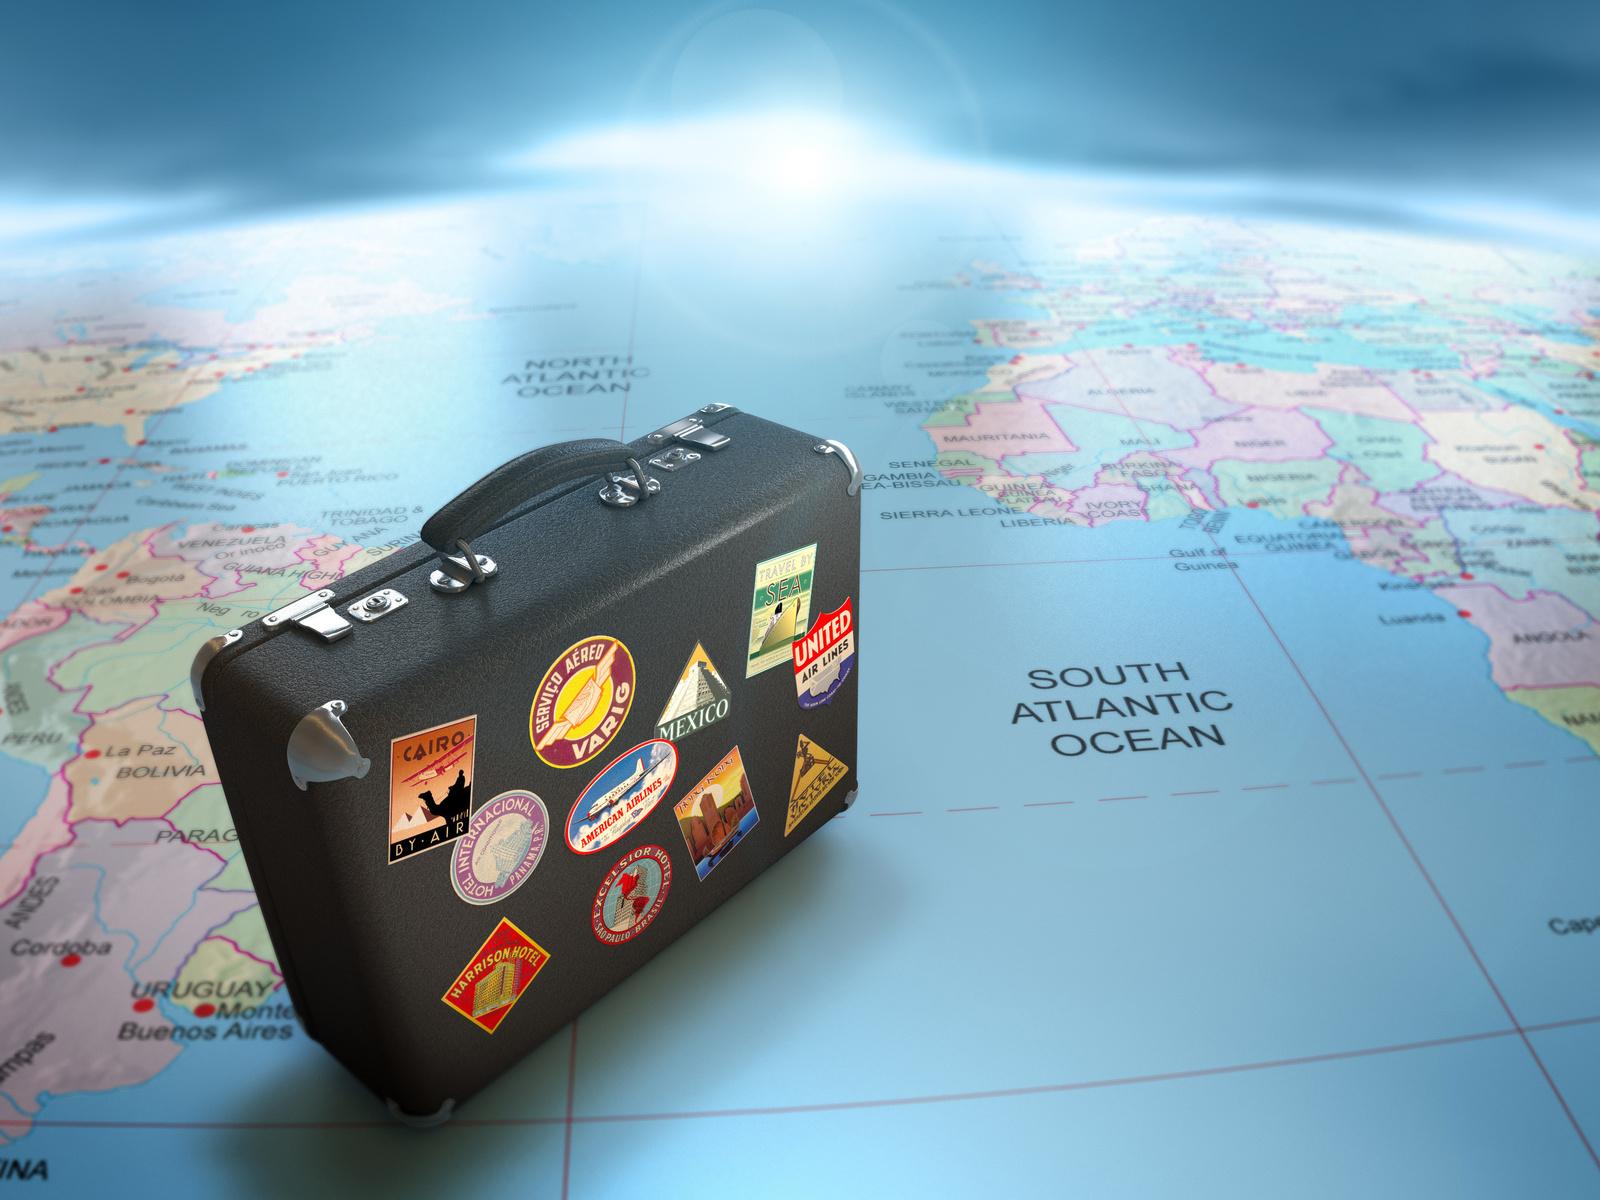 VМосковская городская конференция «Образовательный туризм вшколе ивузе»